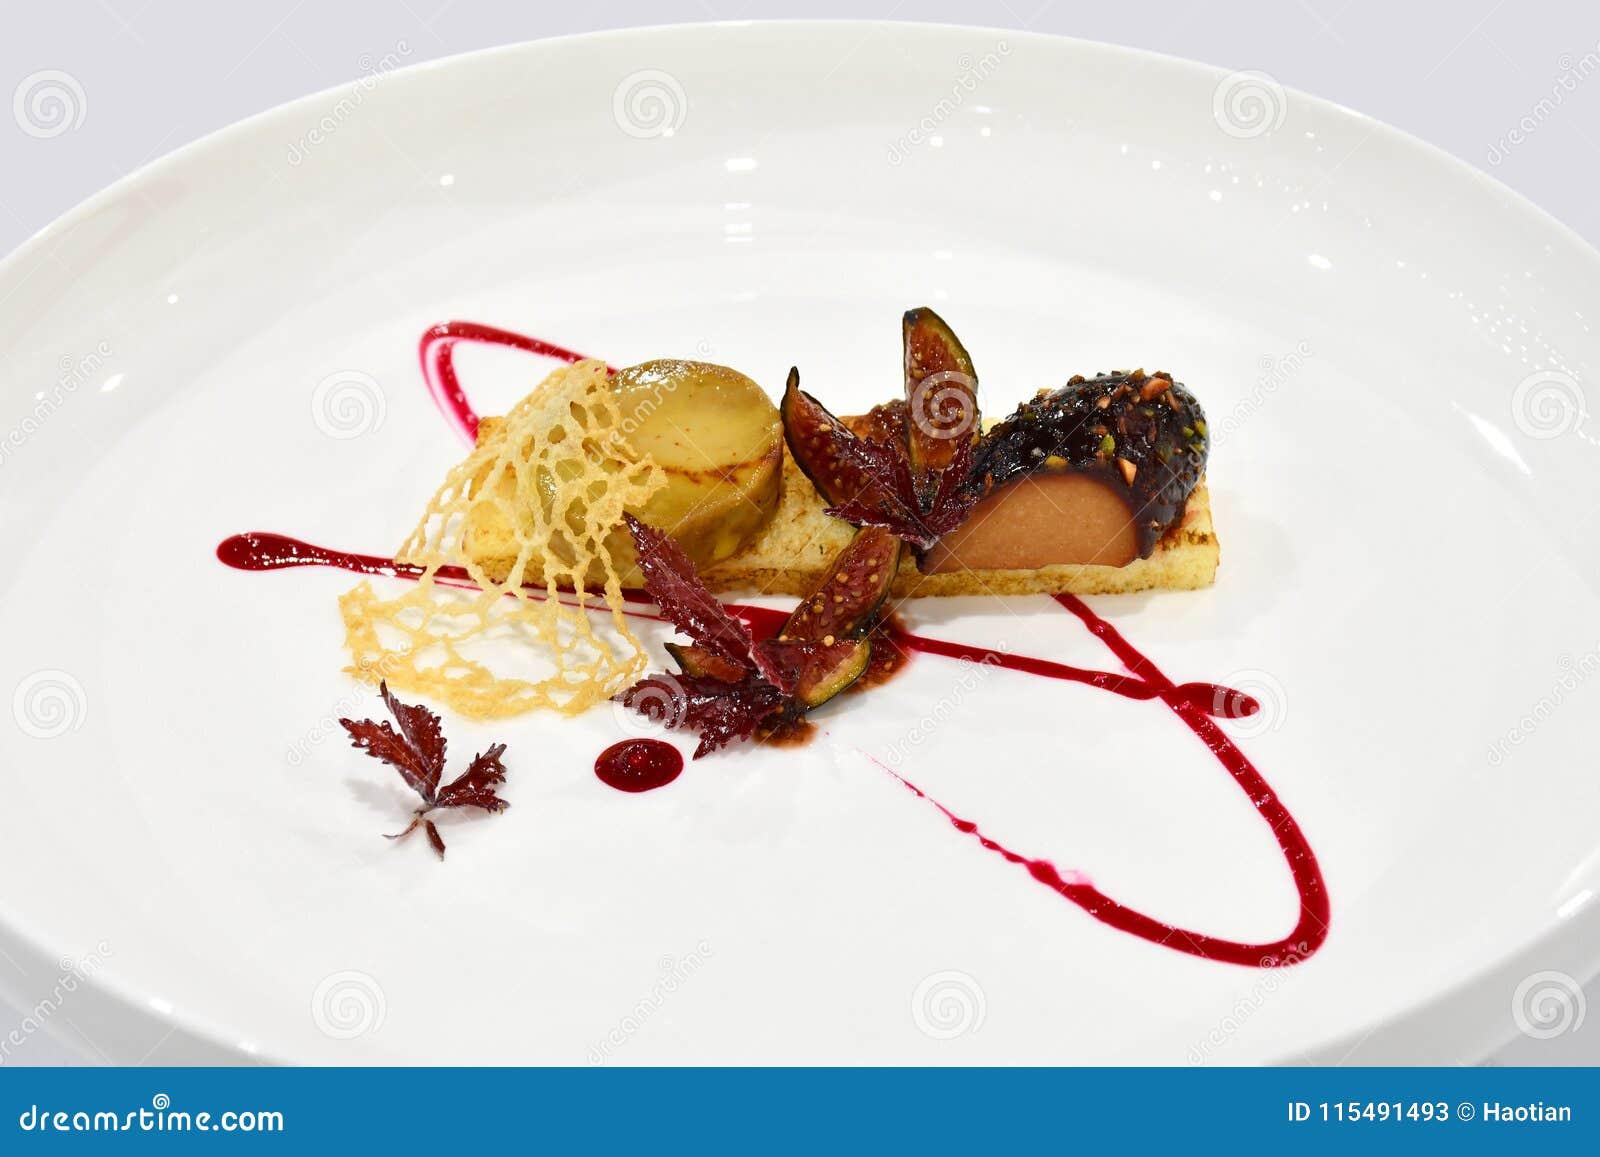 Fin äta middag huvudrätt - frukt- Terrine